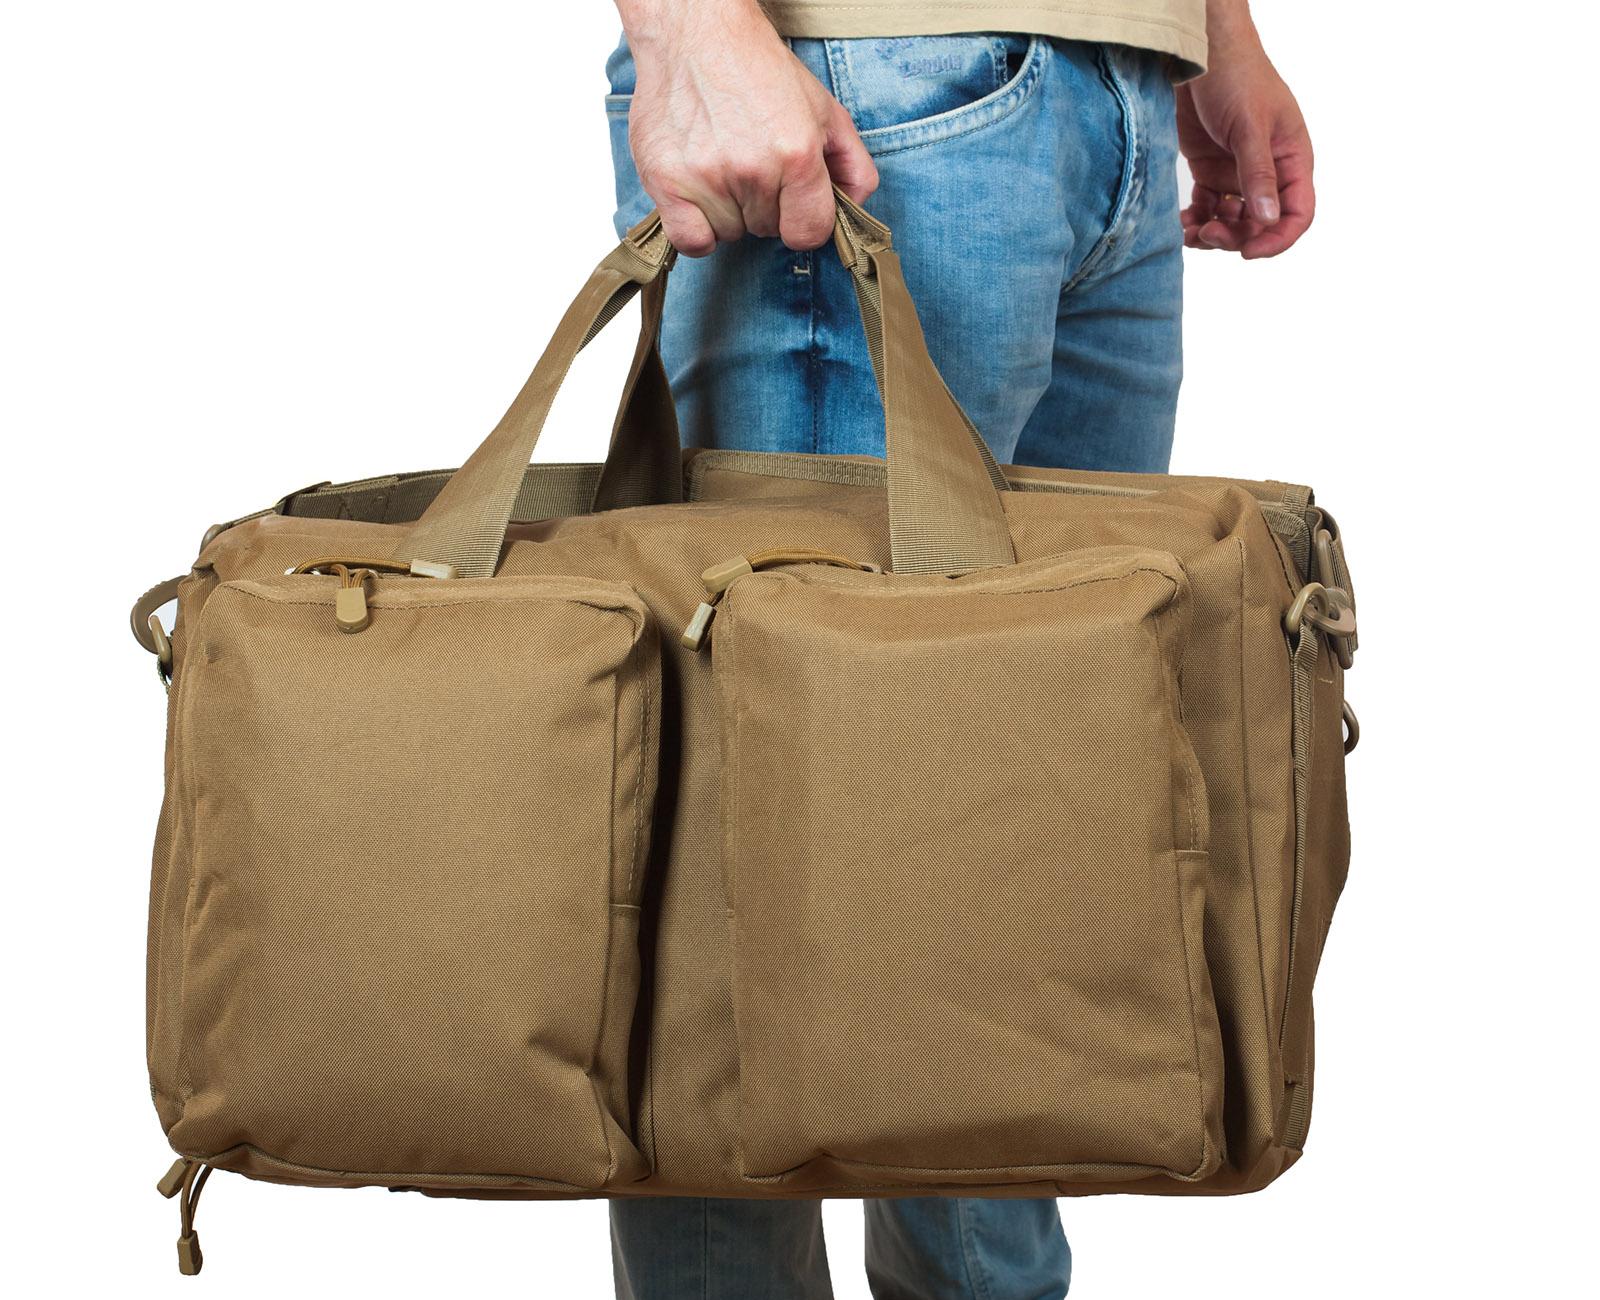 Заплечная сумка-рюкзак с нашивкой Эх, хвост, чешуя - заказать в подарок